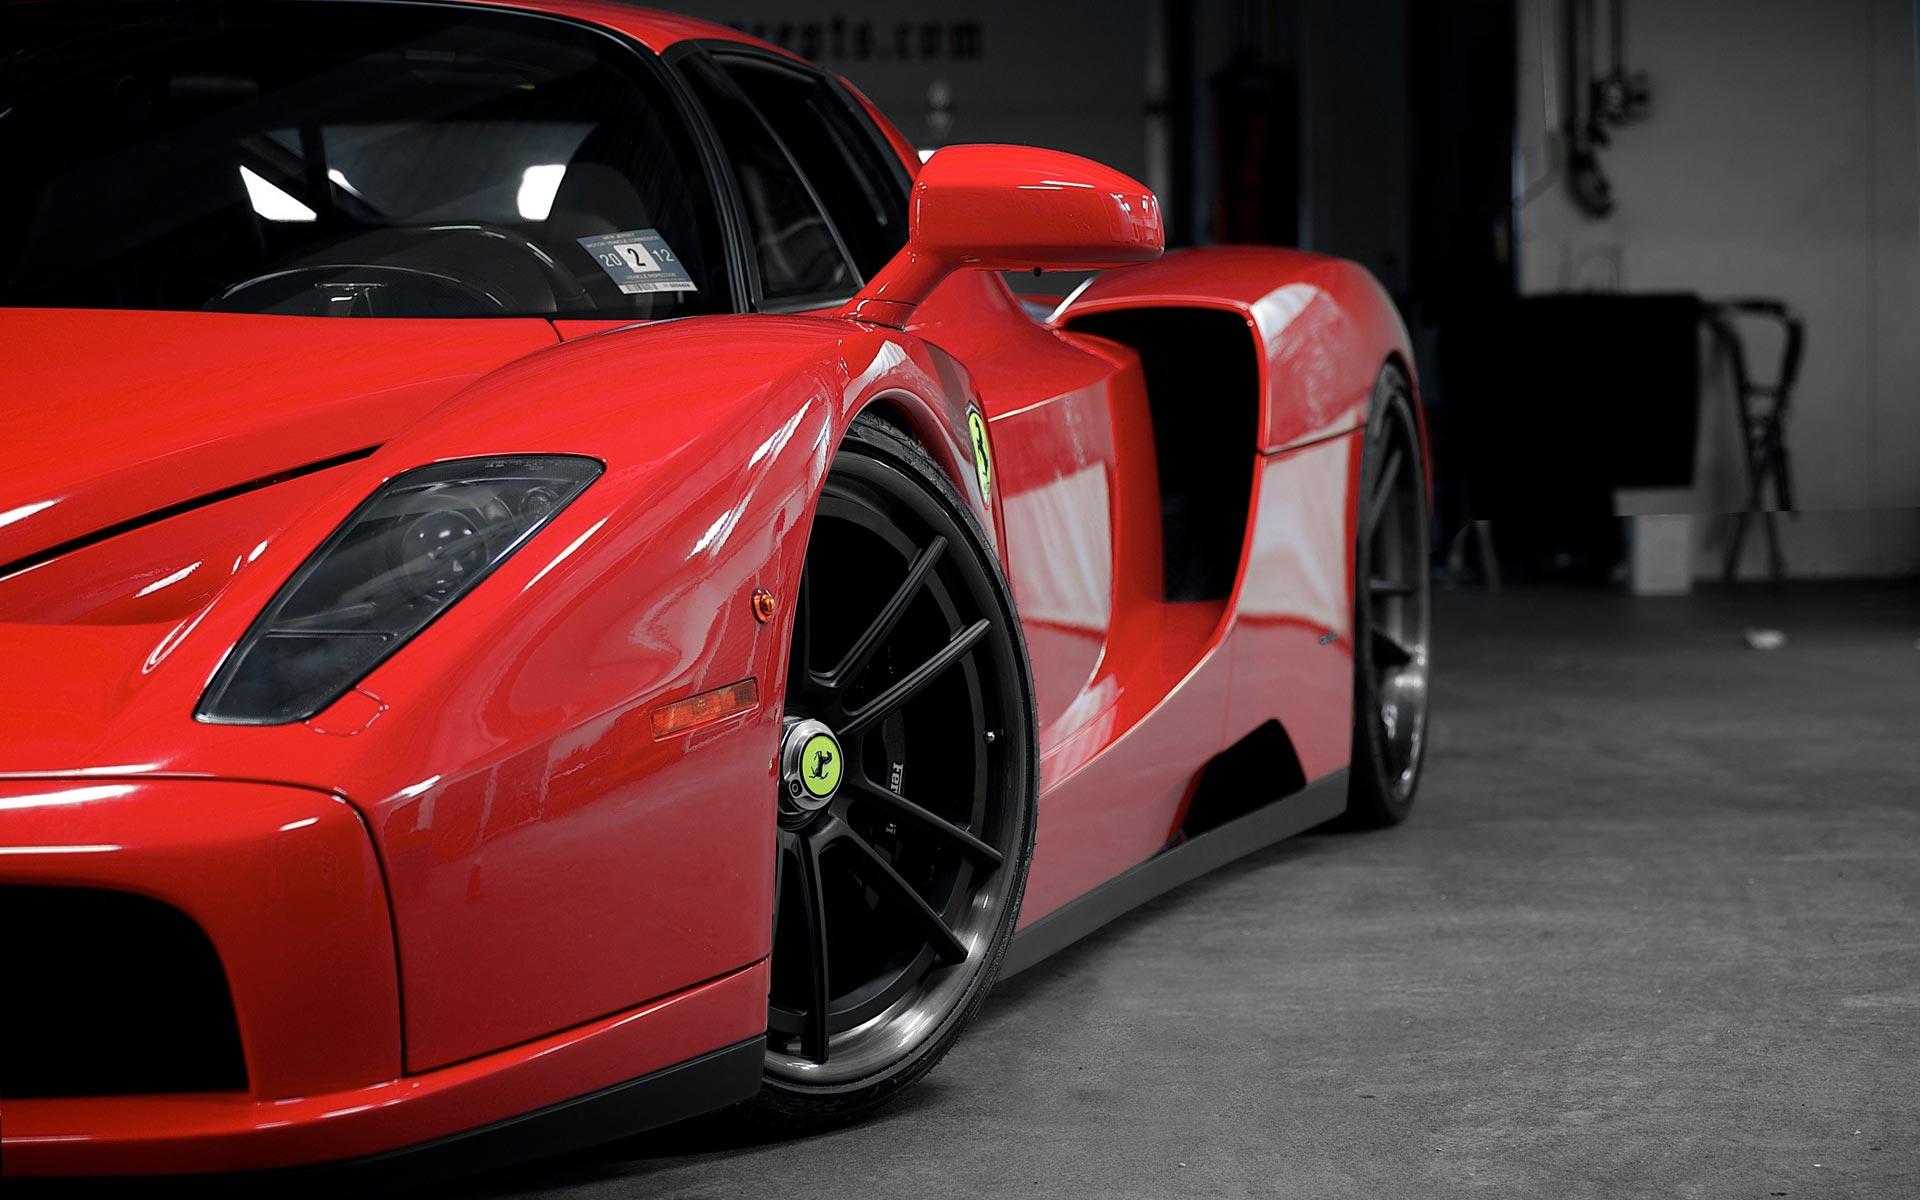 33 Full Hd Wide Ferrari Wallpapers On Wallpapersafari